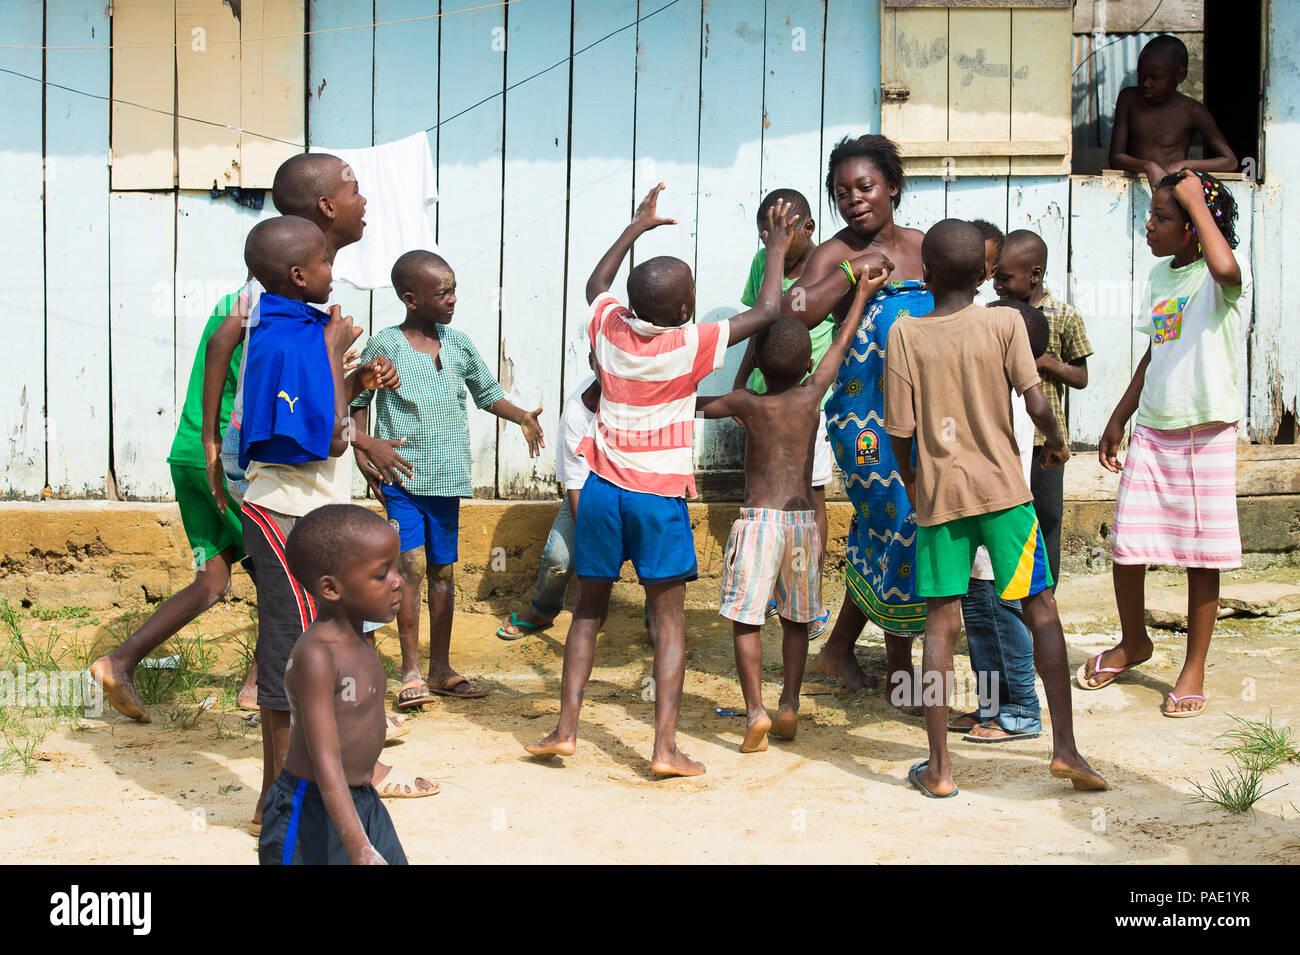 Libreville Gabun Mar 6 2013 Unbekannter Gabunischen Kinder Spielen Auf Der Strasse In Gabun Mar 6 2013 Menschen In Gabun Leiden Der Armut Aufgrund Der Stockfotografie Alamy